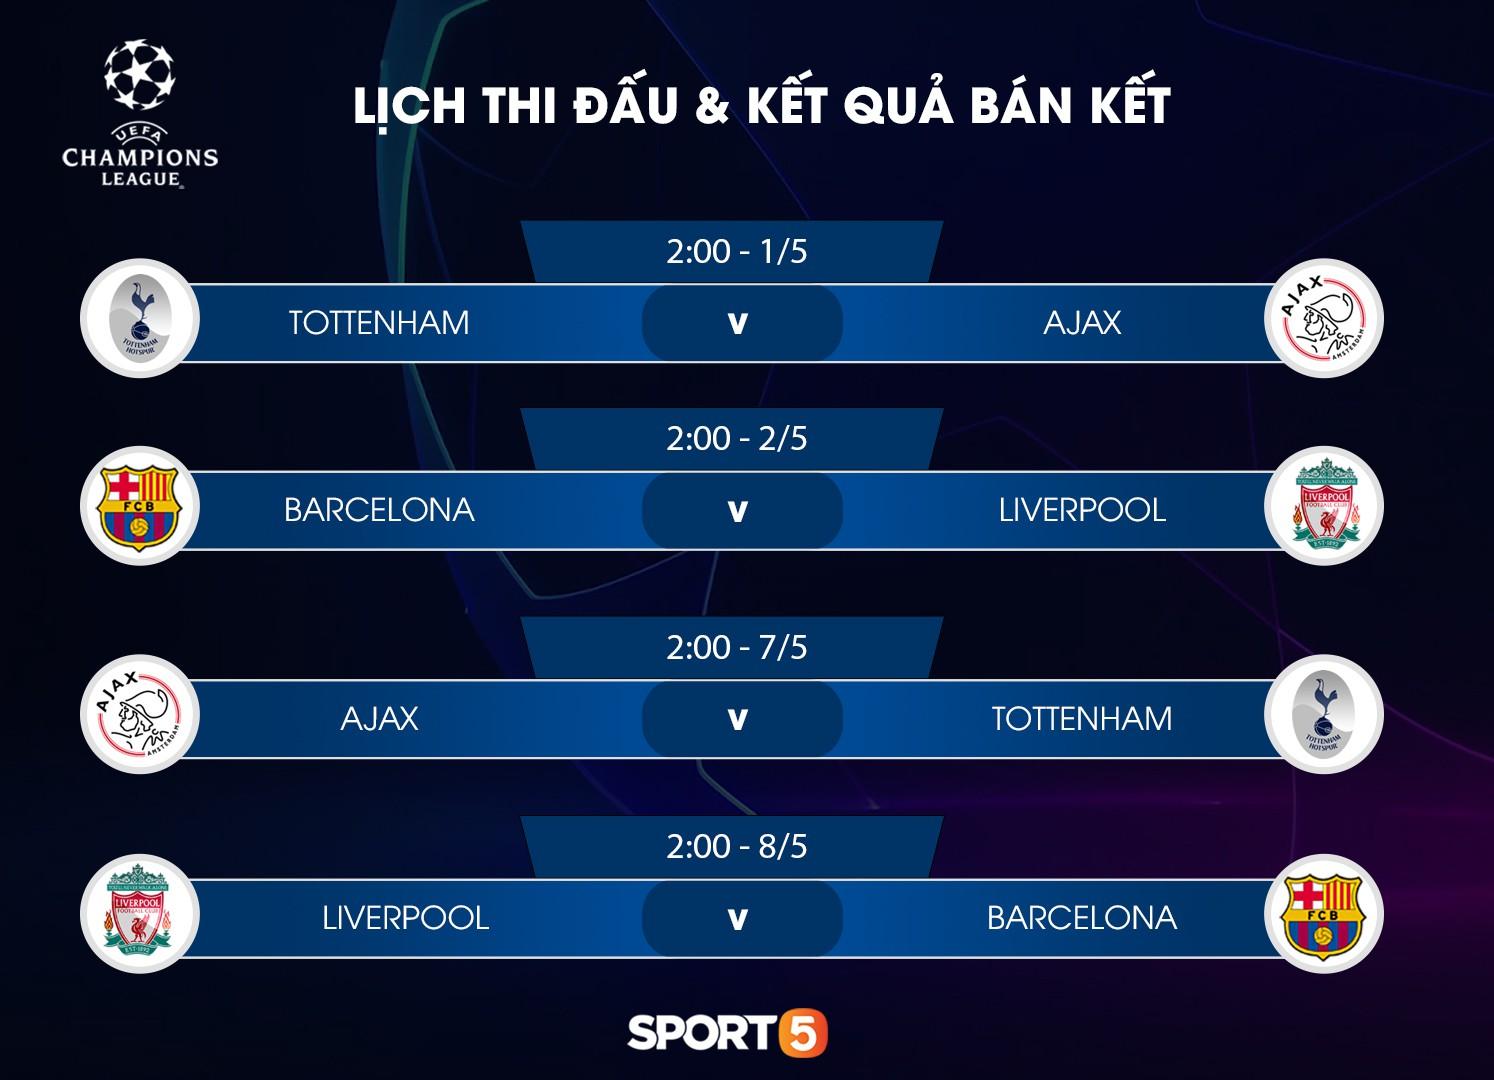 Cập nhật: Lịch thi đấu bán kết Champions League châu Âu - giải đấu danh giá nhất thế giới dành cho CLB - Ảnh 2.